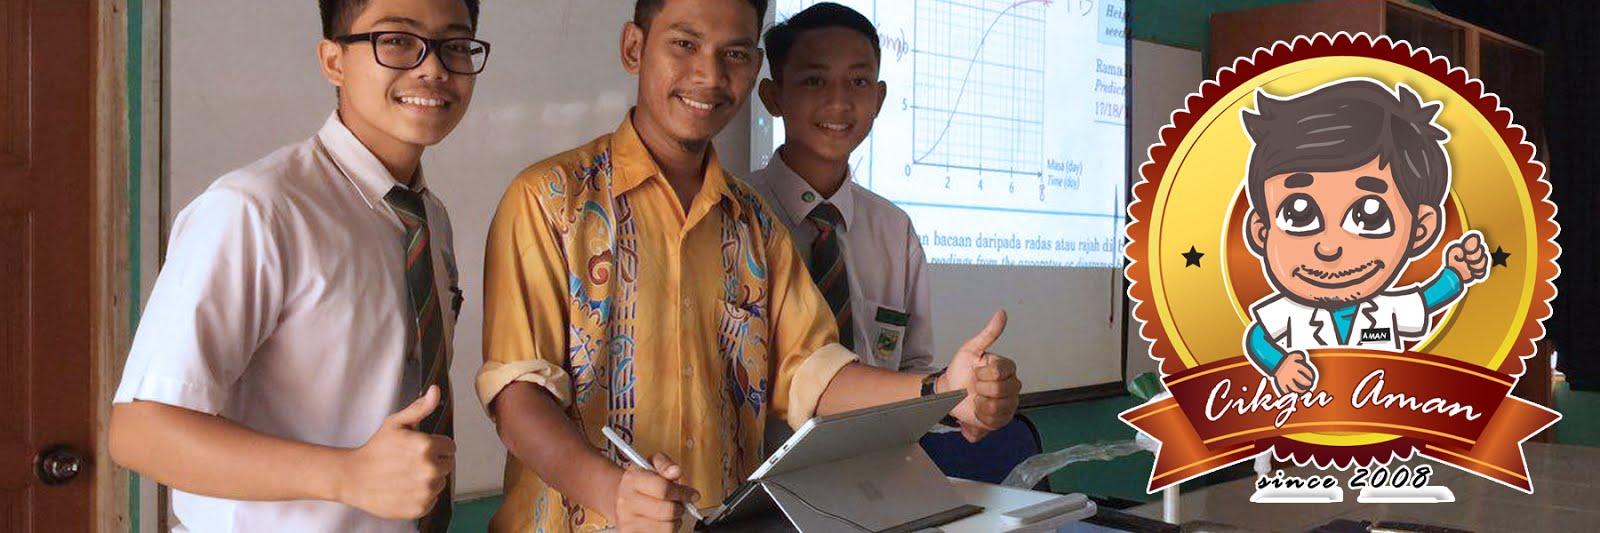 Cikgu Aman